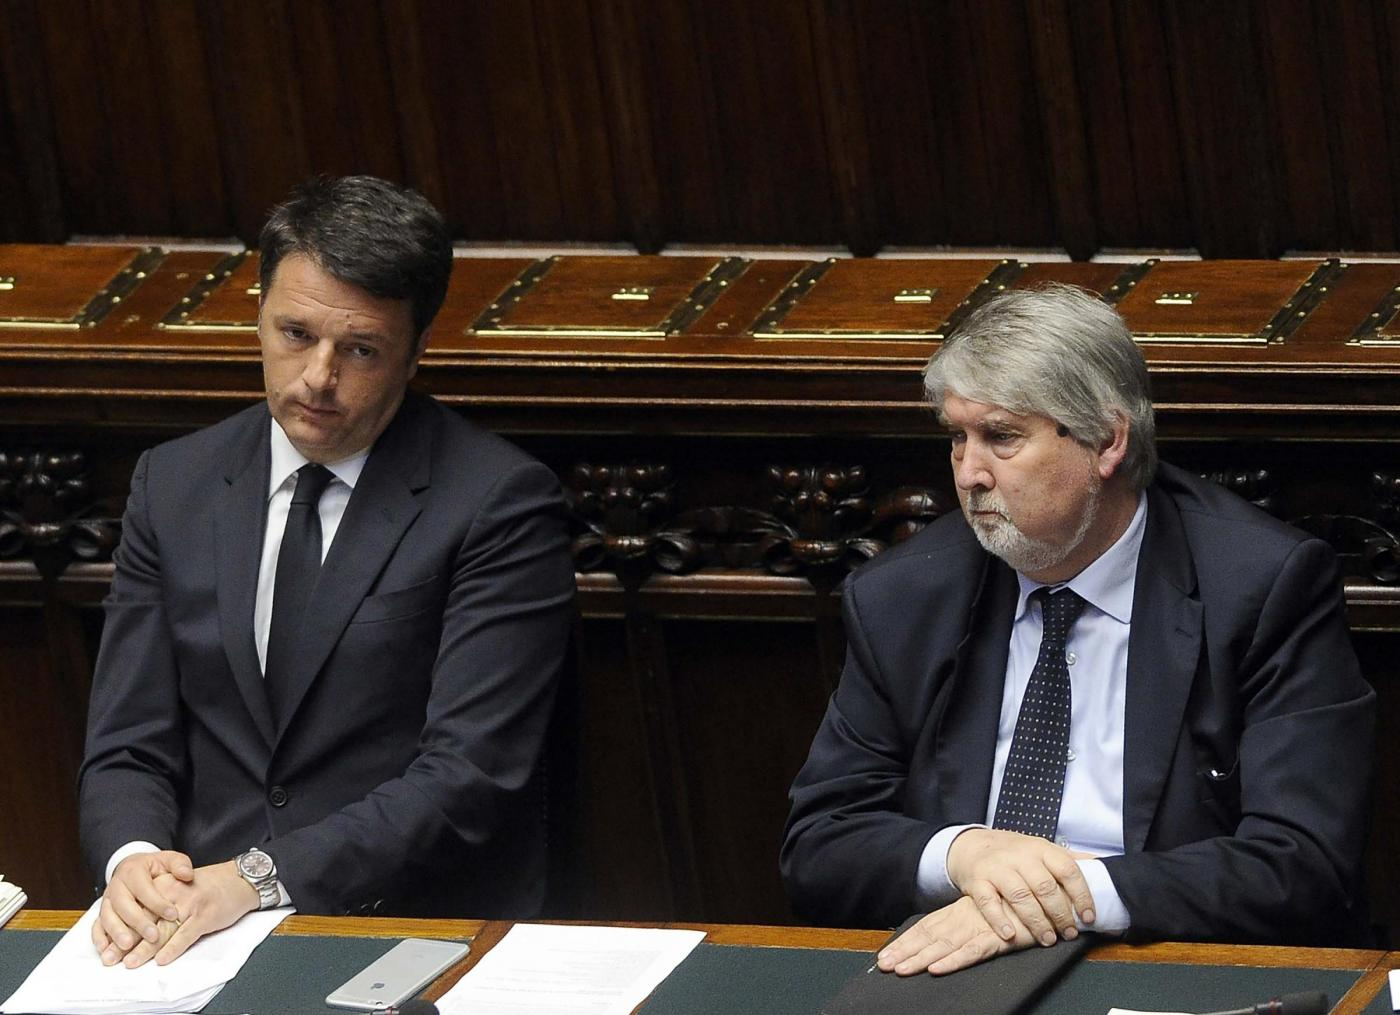 Referendum Jobs act: Poletti e Renzi pensano alle elezioni in primavera per evitarlo